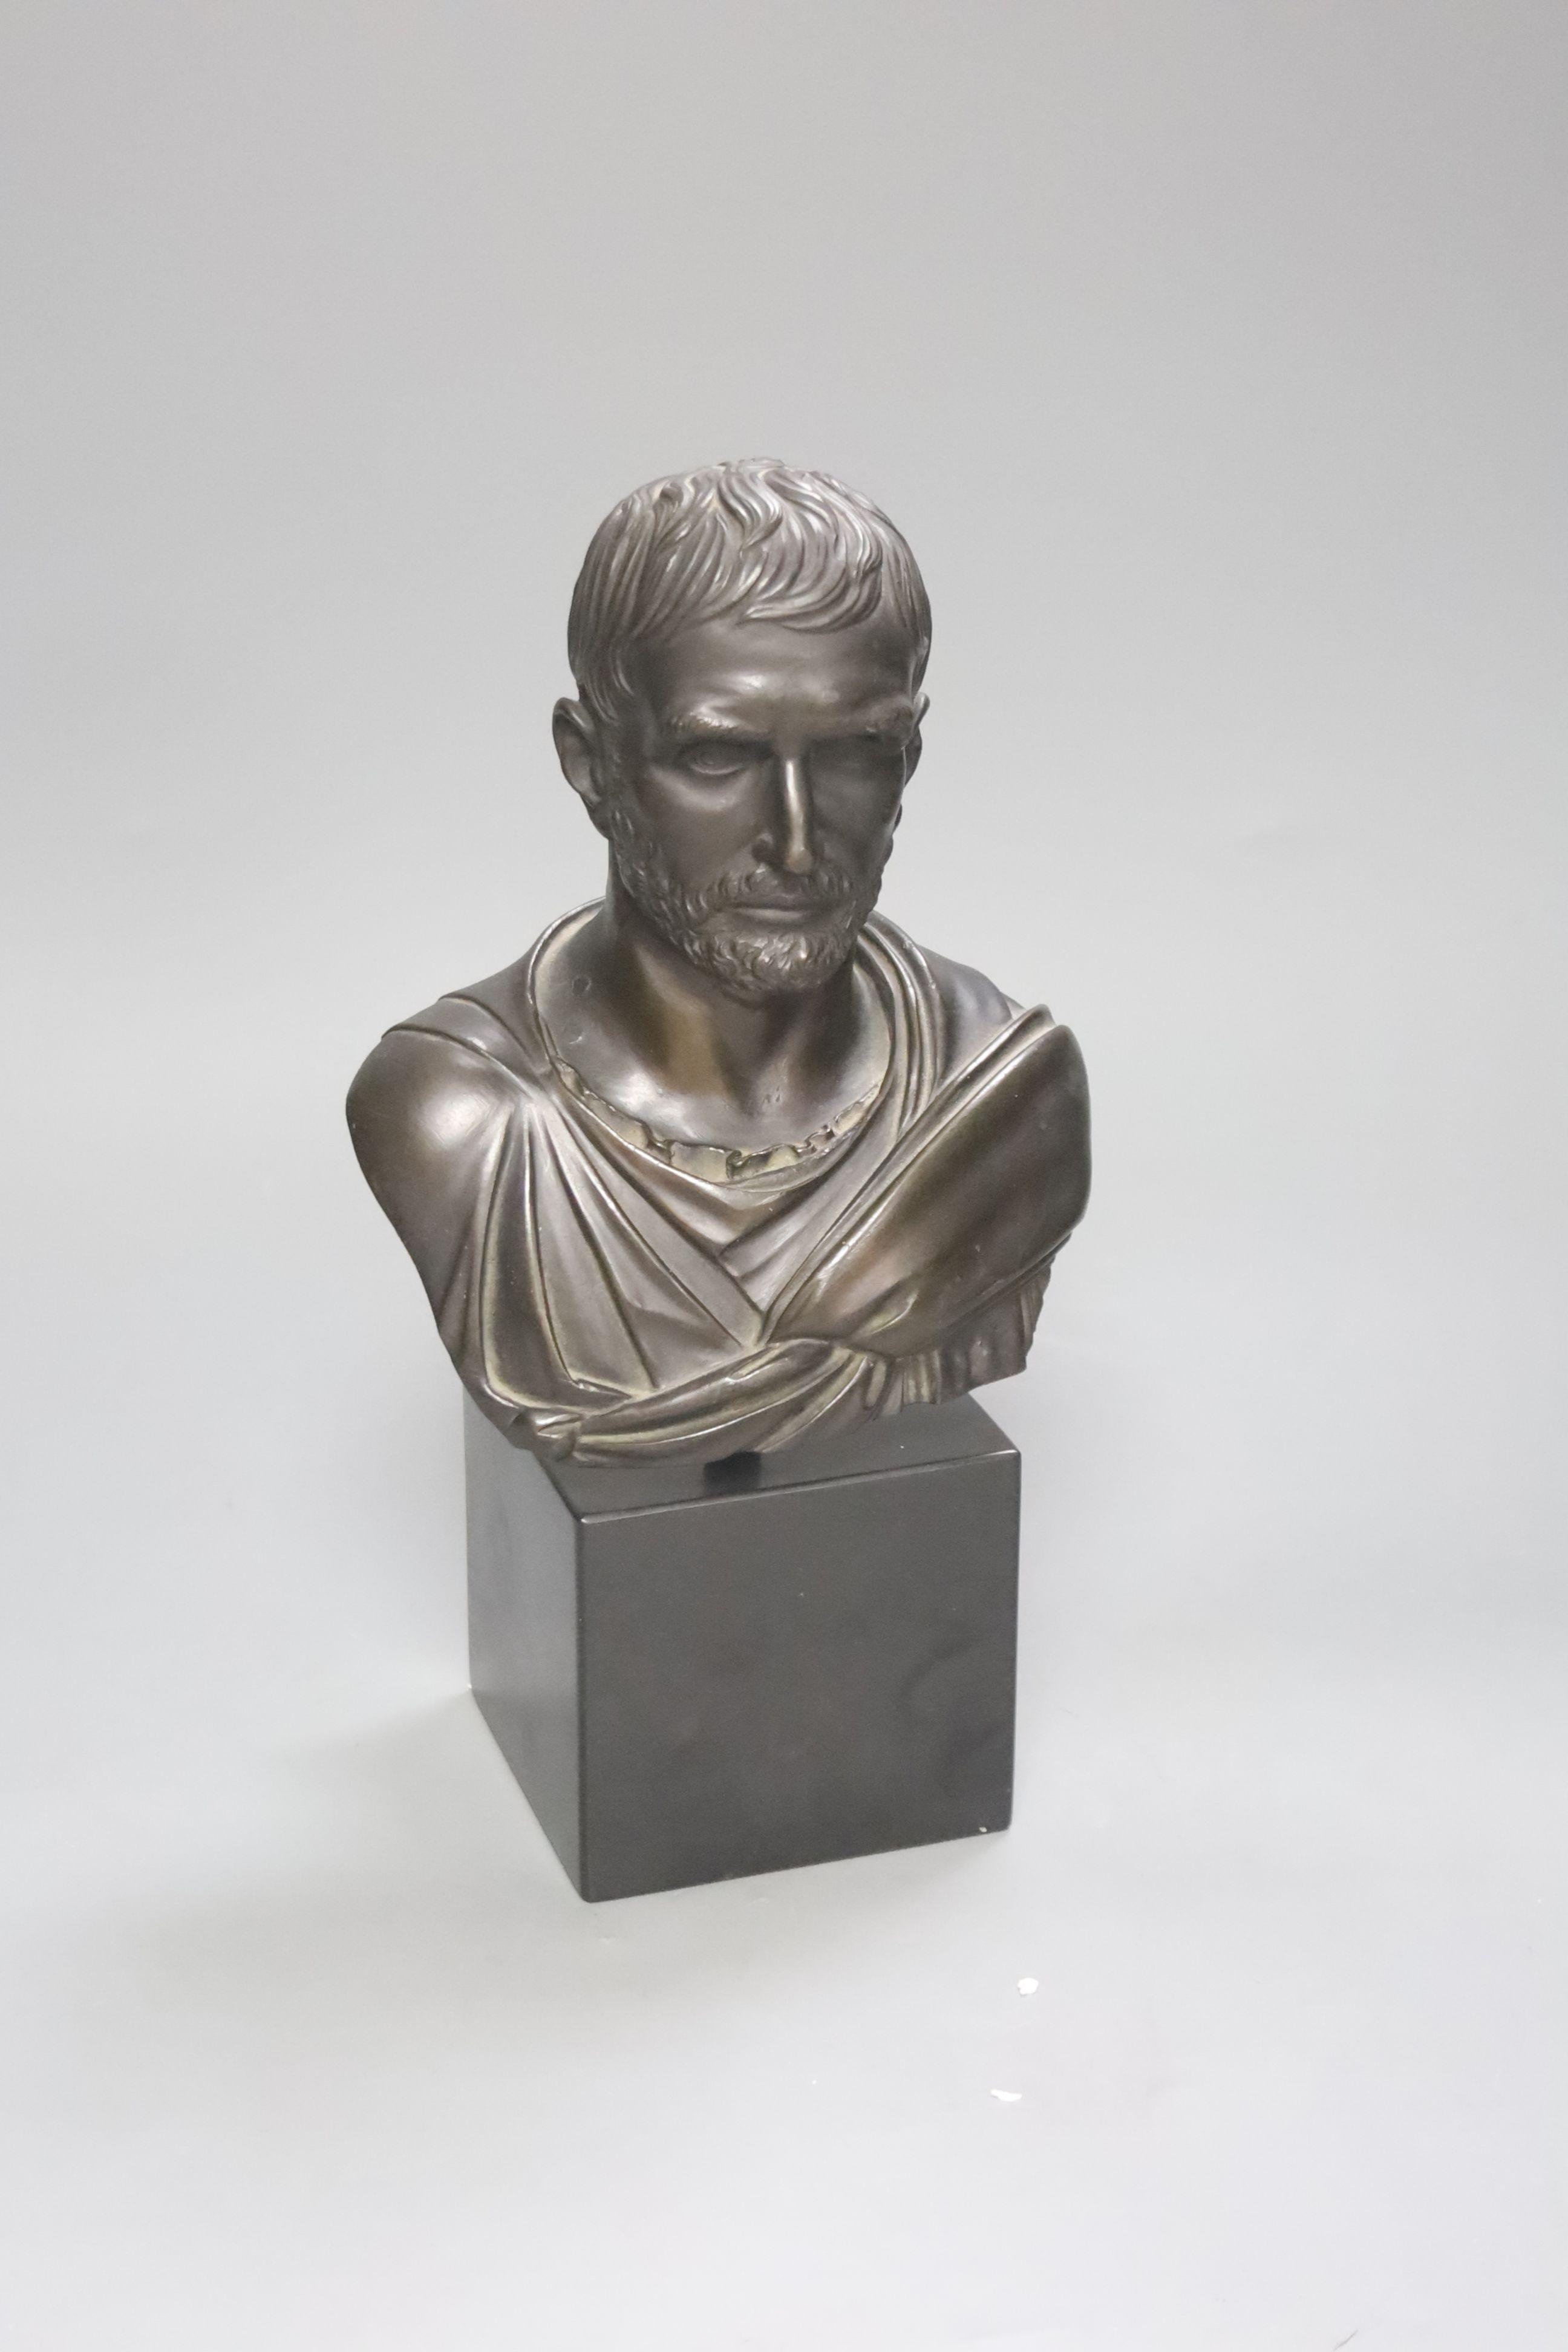 A bronze bust of a Roman Emperor, height 30cm